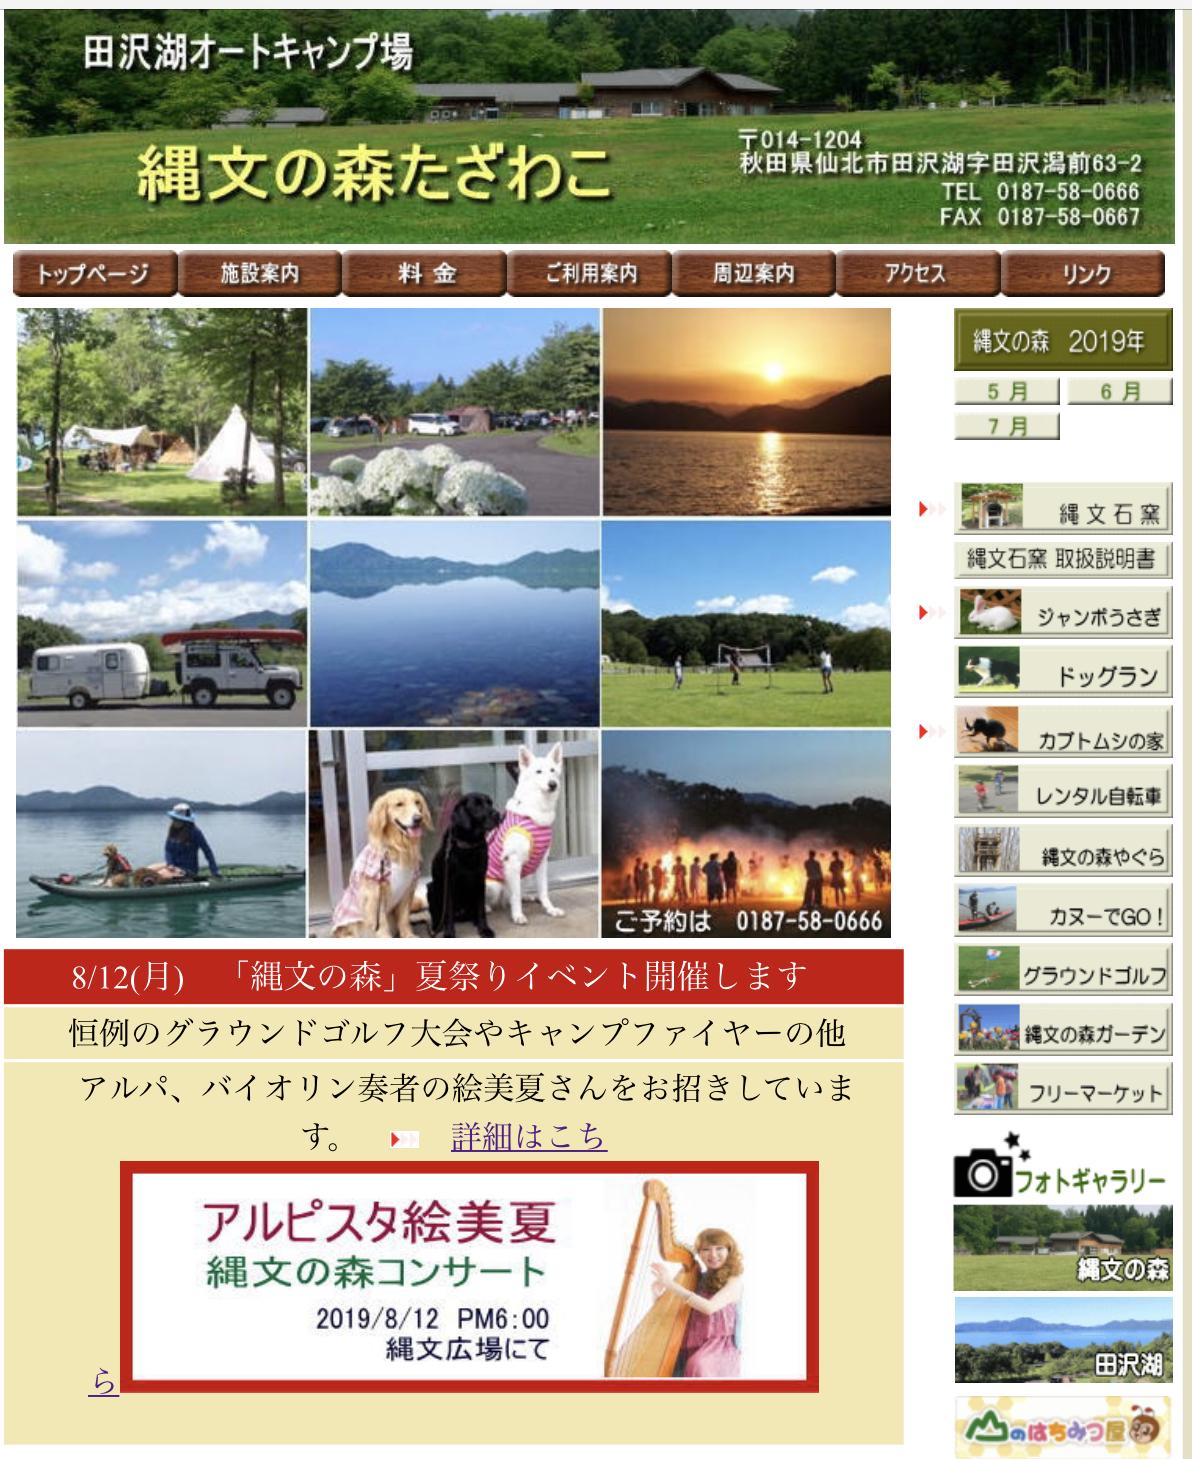 田沢湖キャンプ場 アルパコンサート